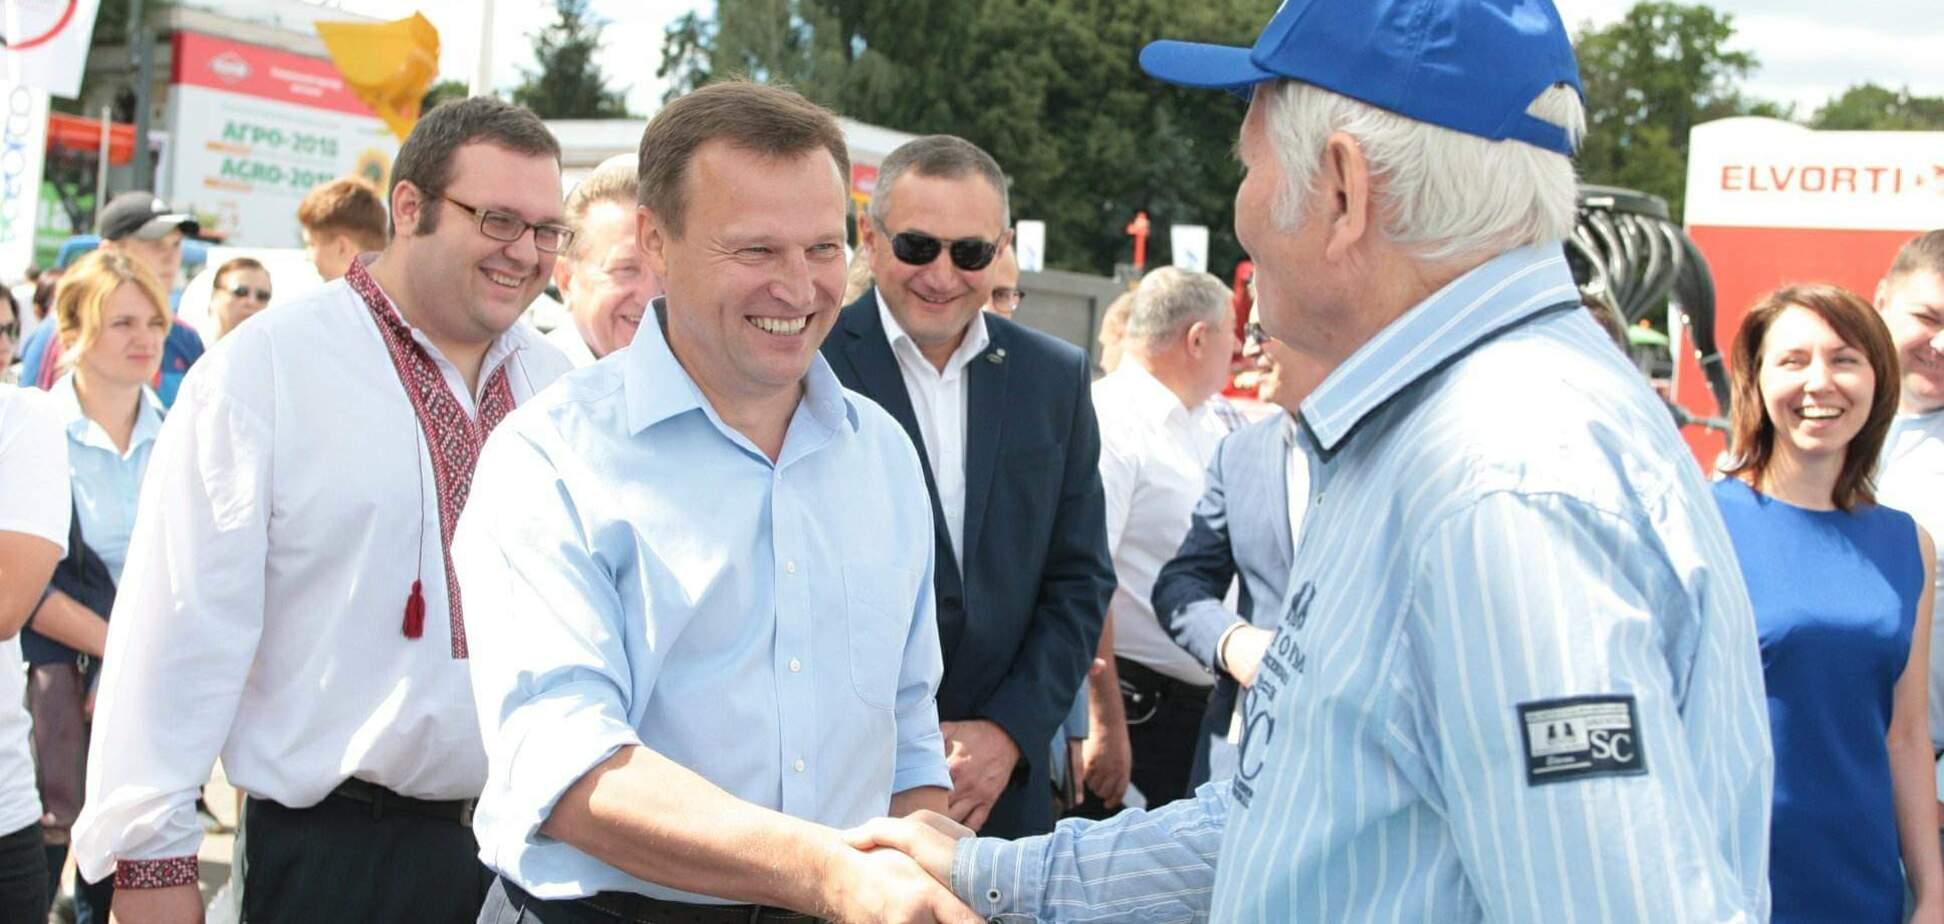 Аграрии должны создать сильную фракцию в следующем парламенте - Скоцик